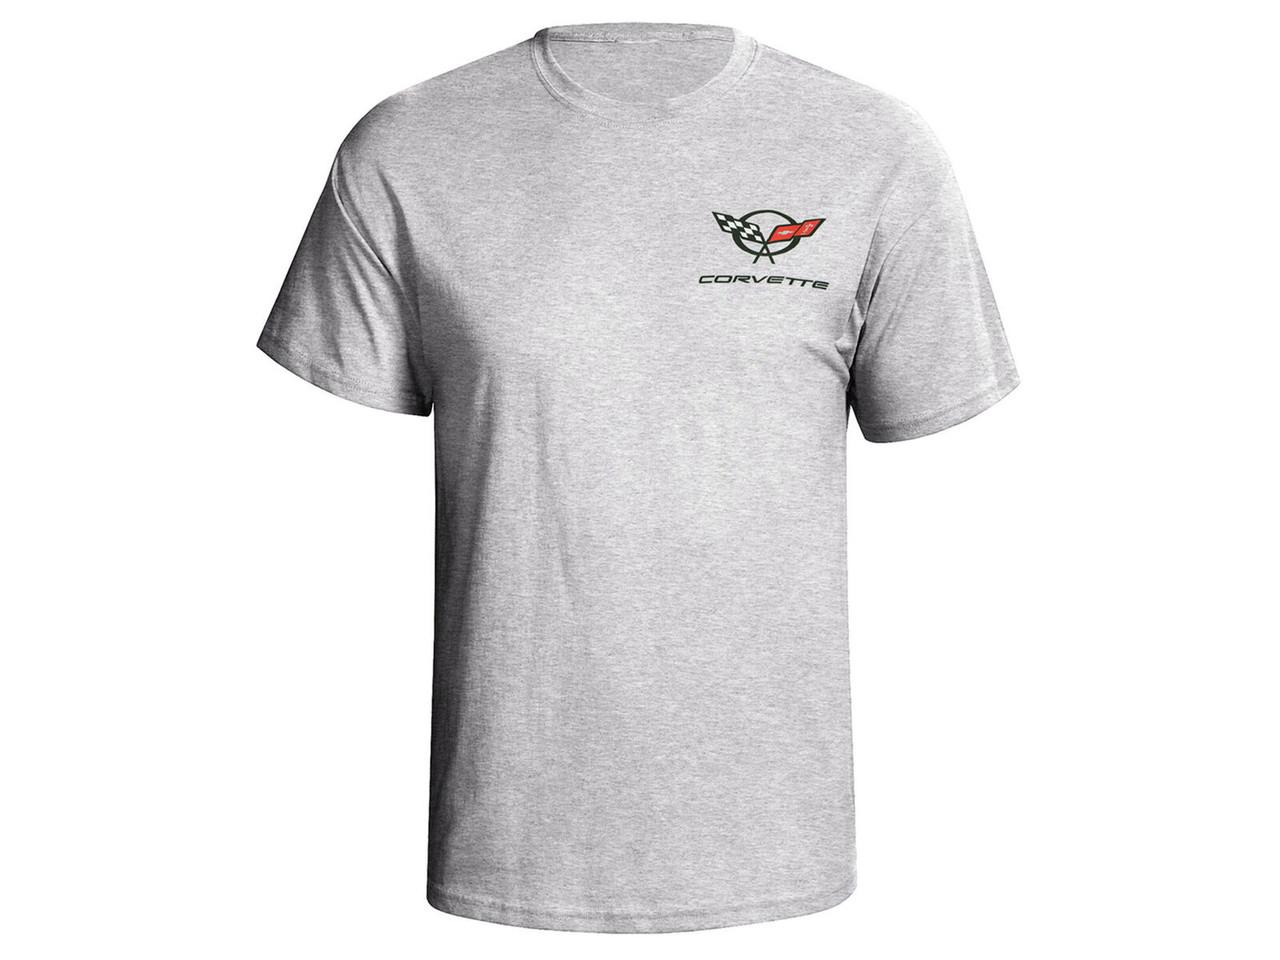 C5 Corvette Gray Ash T-Shirt (front)